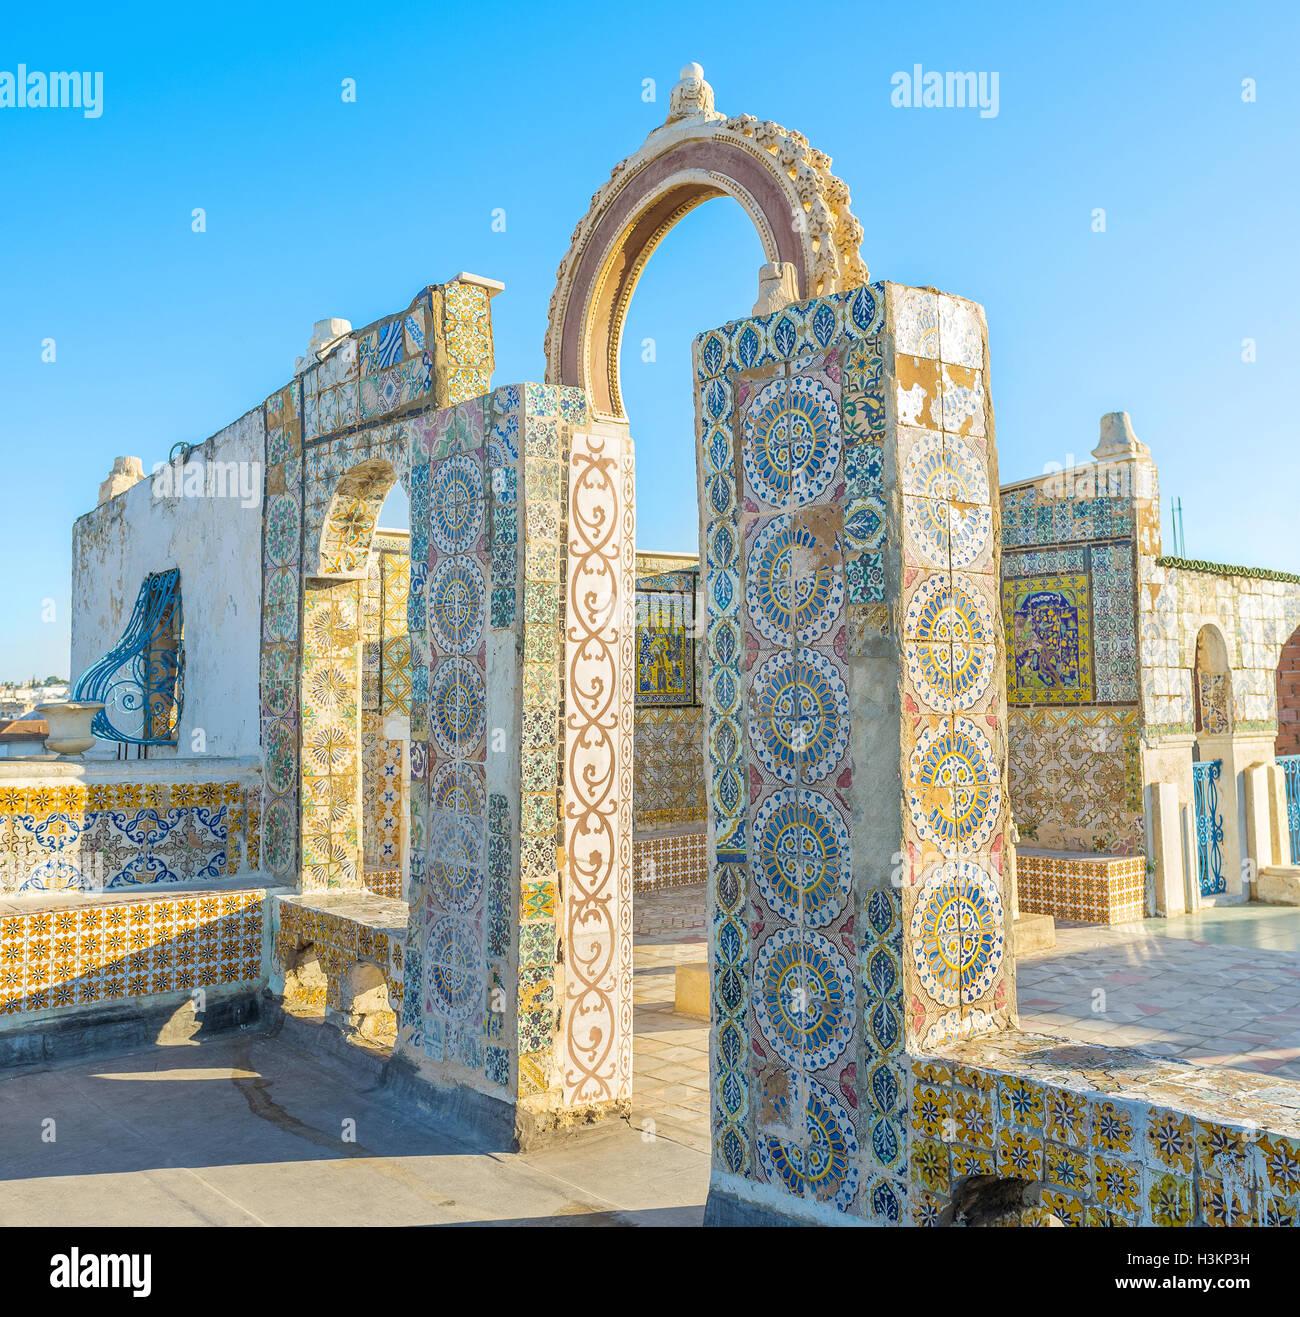 Die malerischen Ruinen bedeckt mit glasierten Ziegeln auf dem Dach des Herrenhauses in Medina von Tunis, Tunesien. Stockfoto